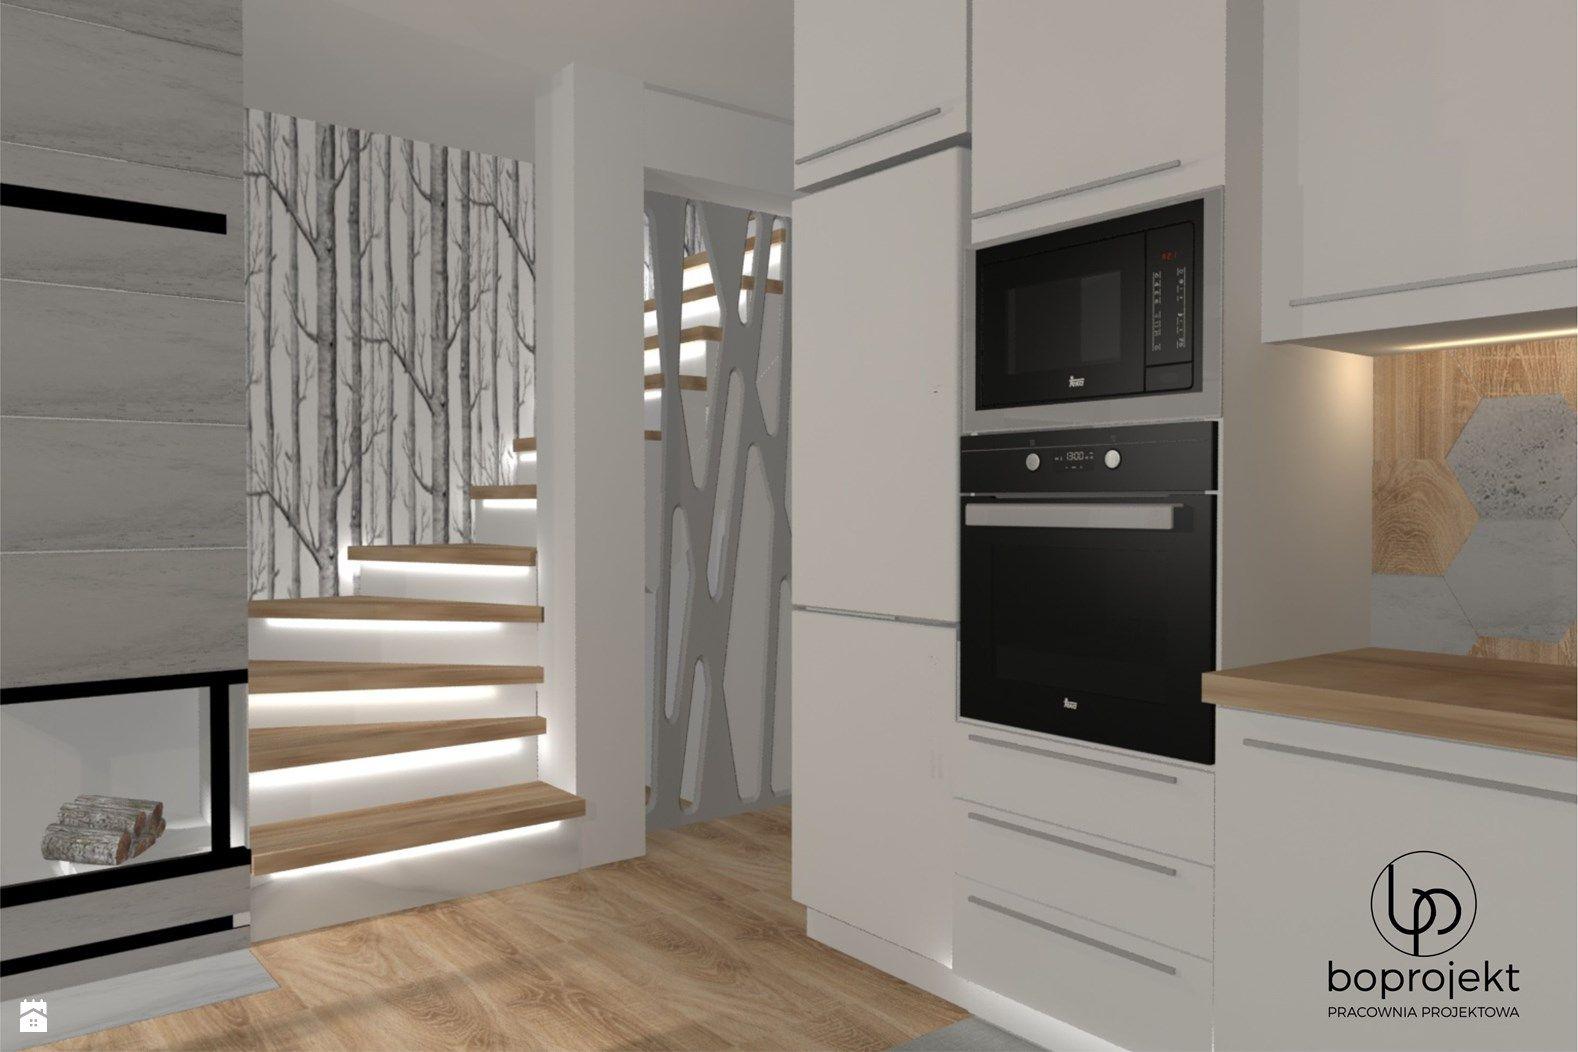 Kuchnia Biała Z Drewnem Zdjęcie Od Boprojekt Pracownia Projektowa